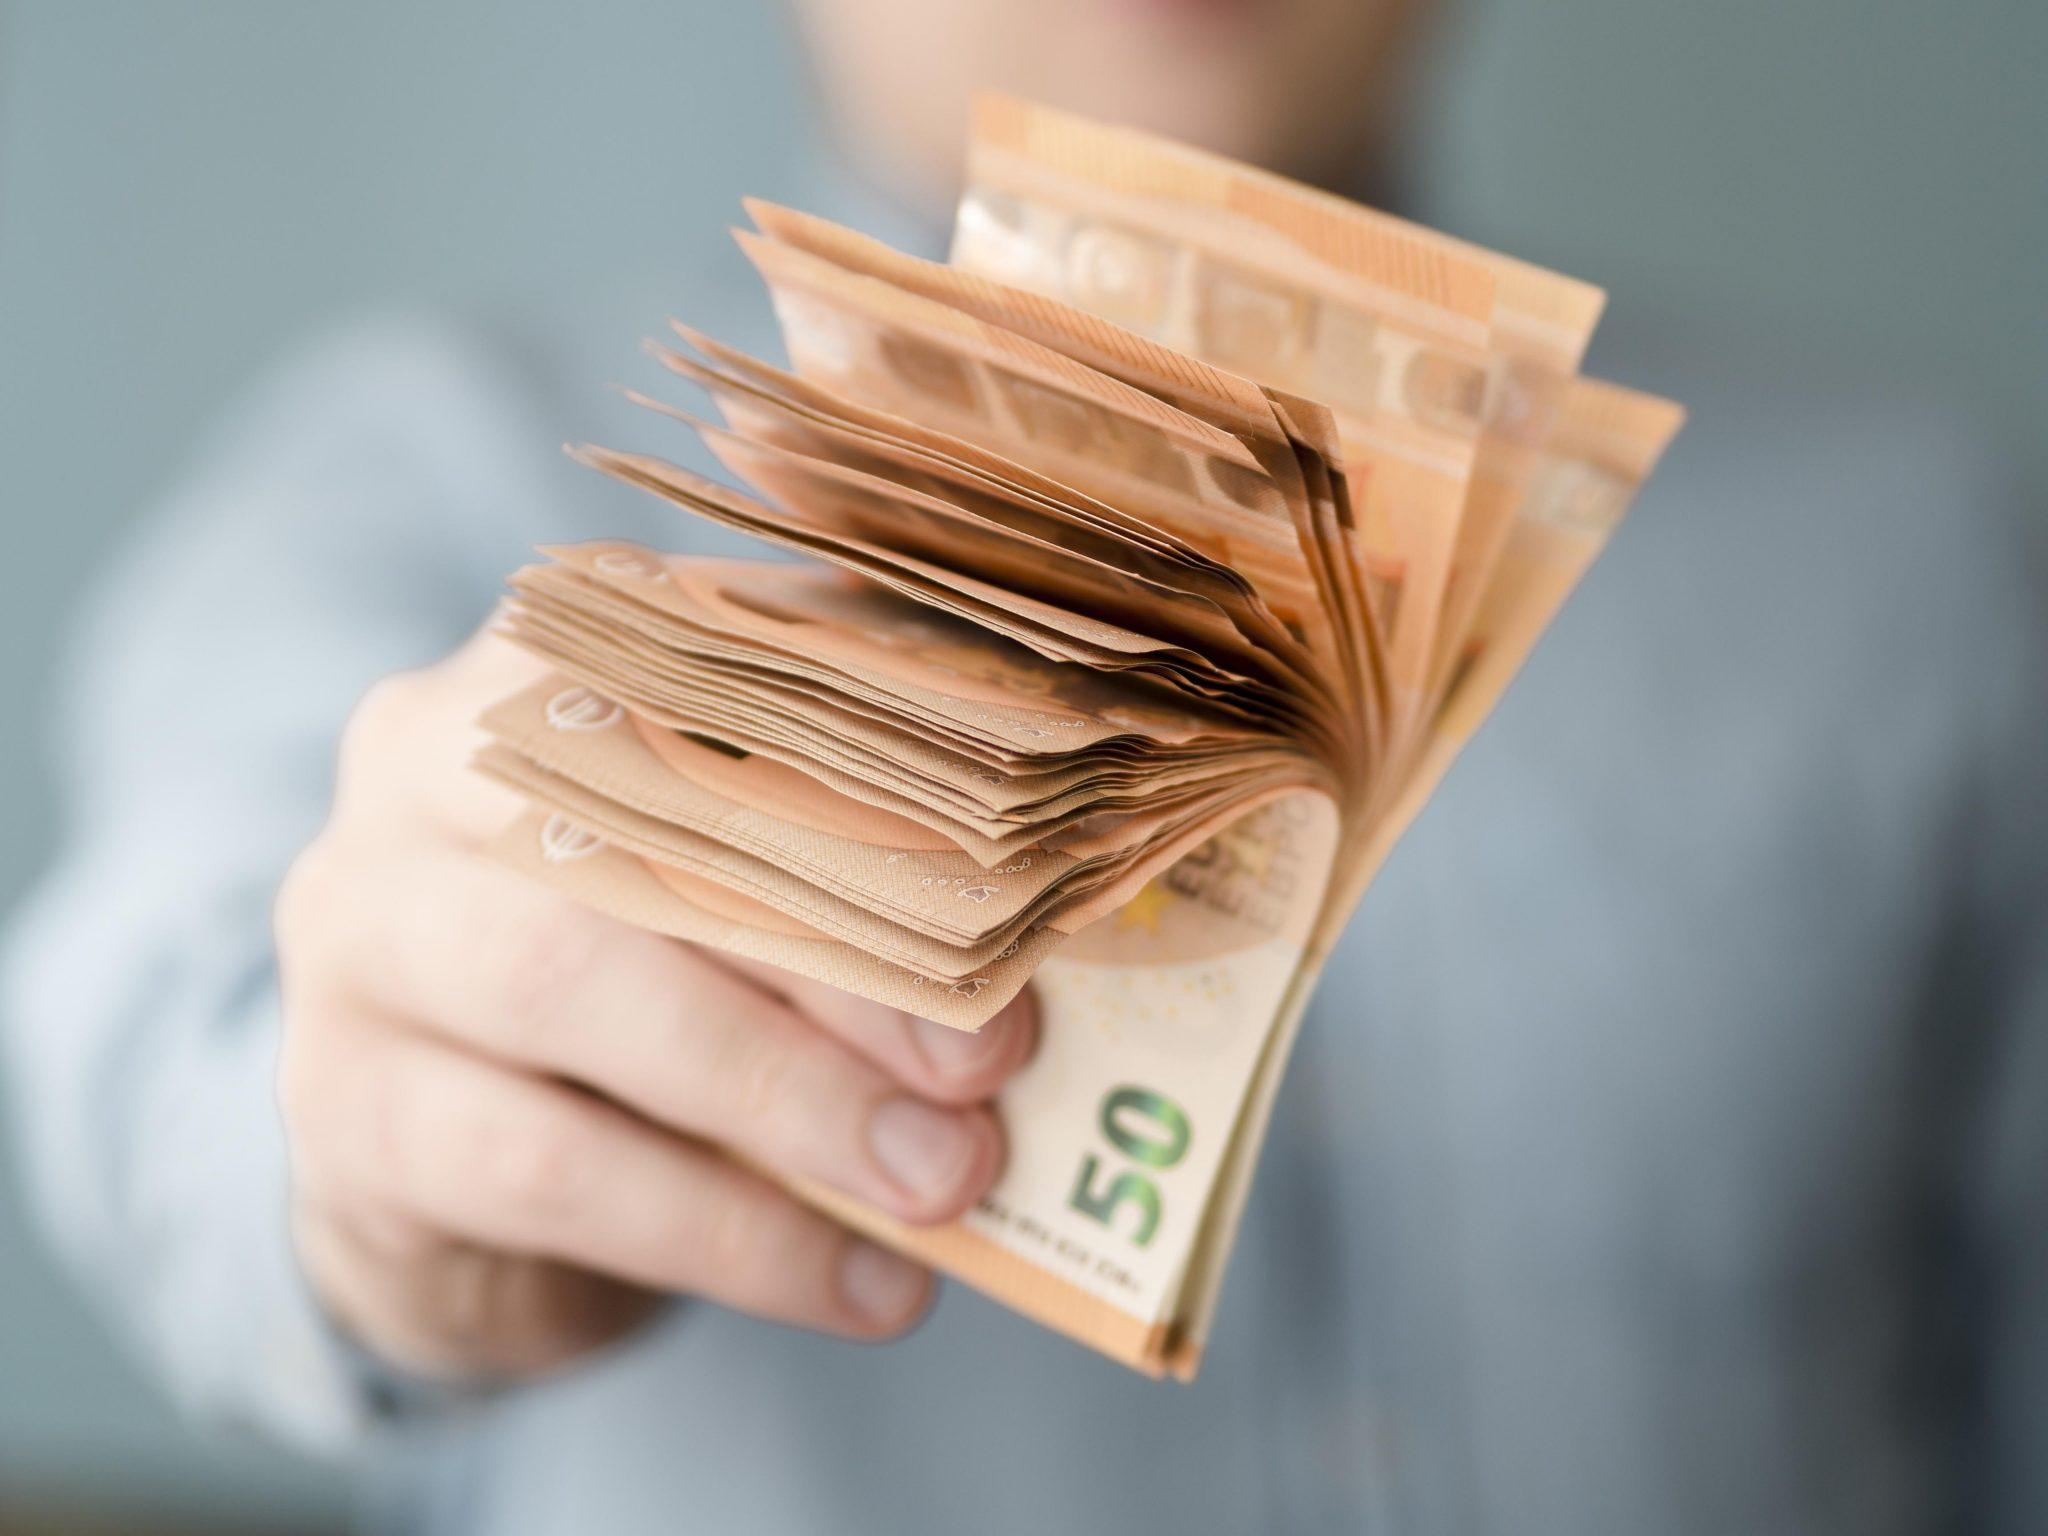 Investigação de sonegação fiscal no setor farmacêutico